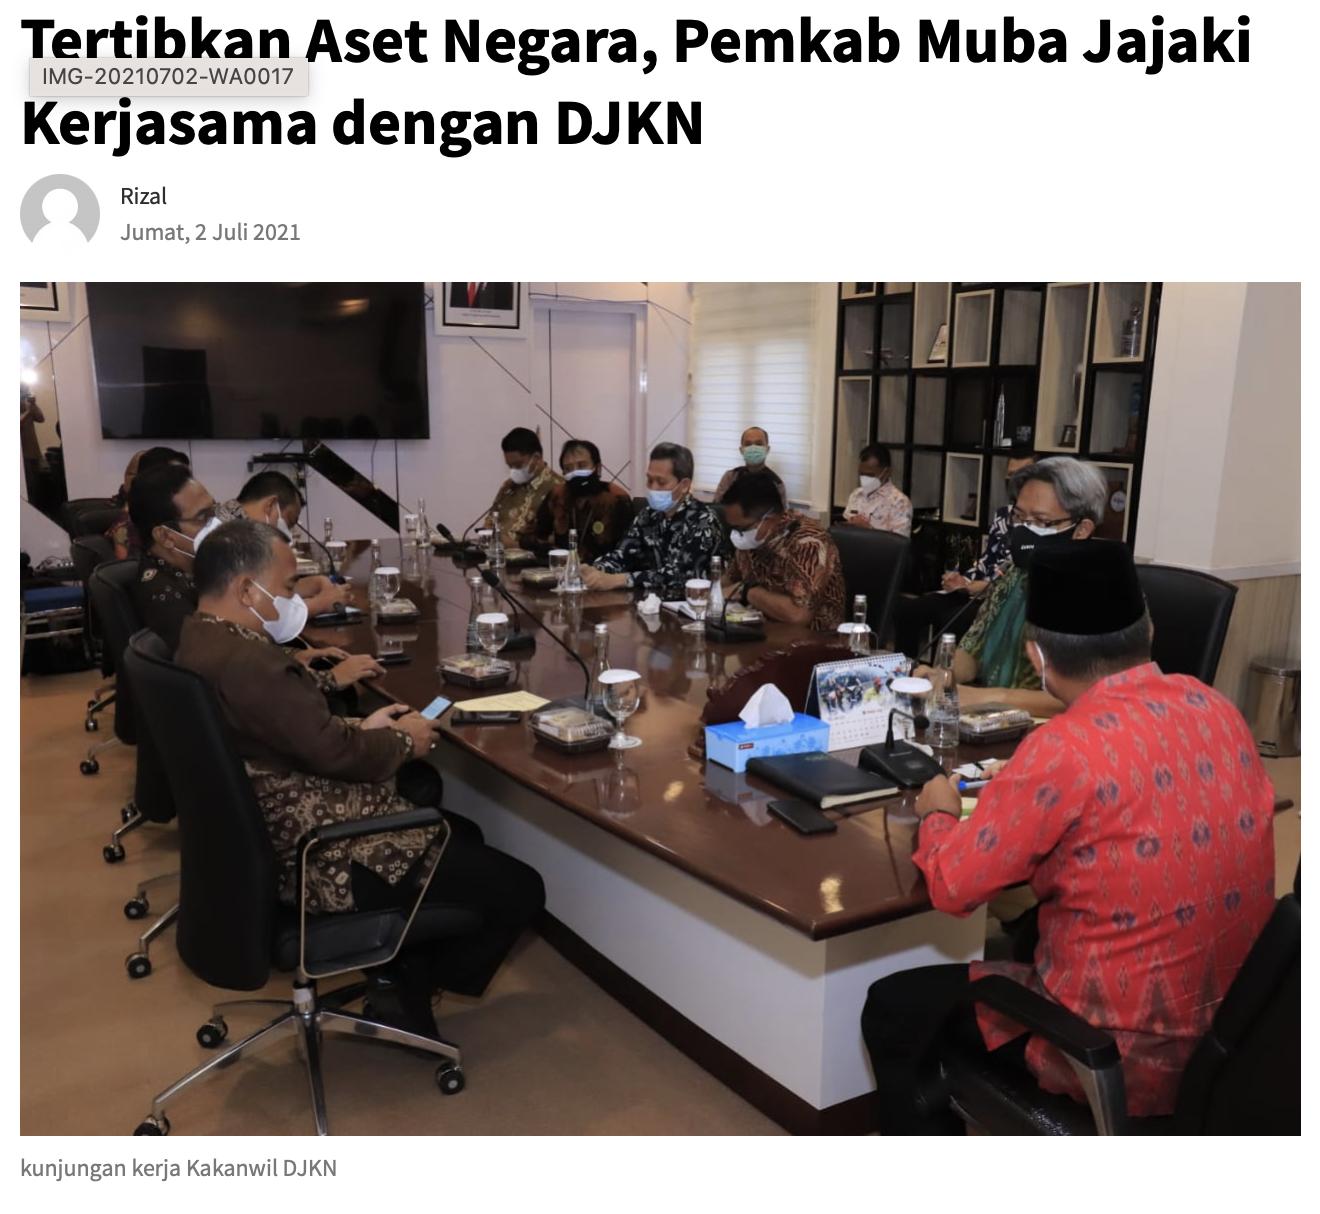 Tertibkan Aset Negara, Pemkab Muba Jajaki Kerjasama dengan DJKN